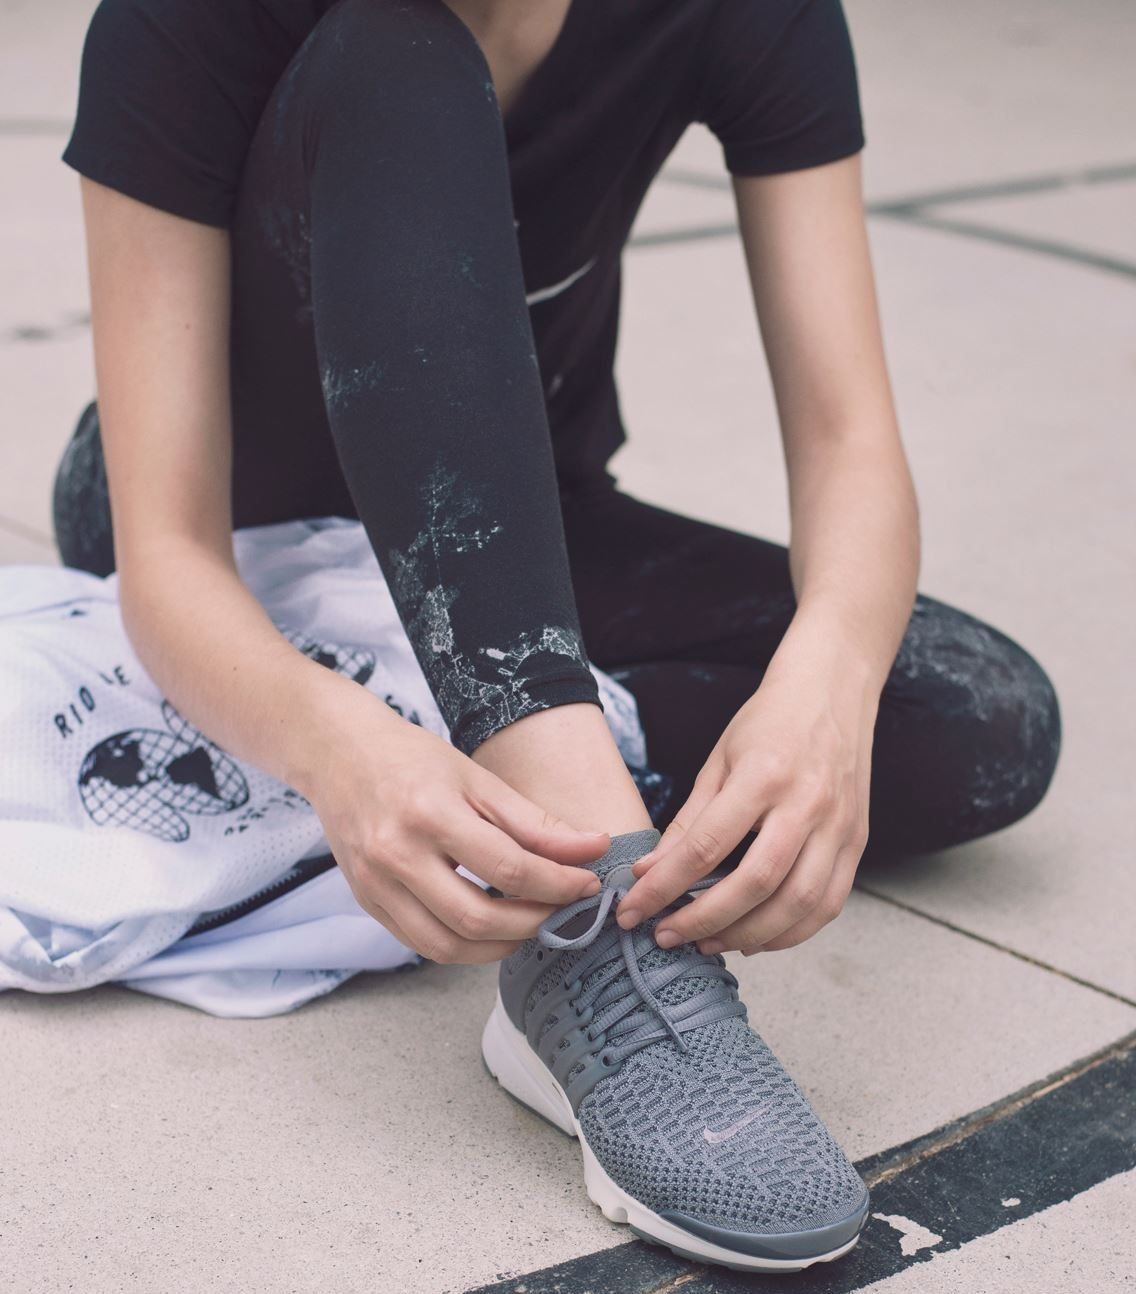 Avec une lame de carbone dans la semelle et des coussins d'air, les Vaporfly de Nike font tomber les records, depuis leur sortie en 2016.